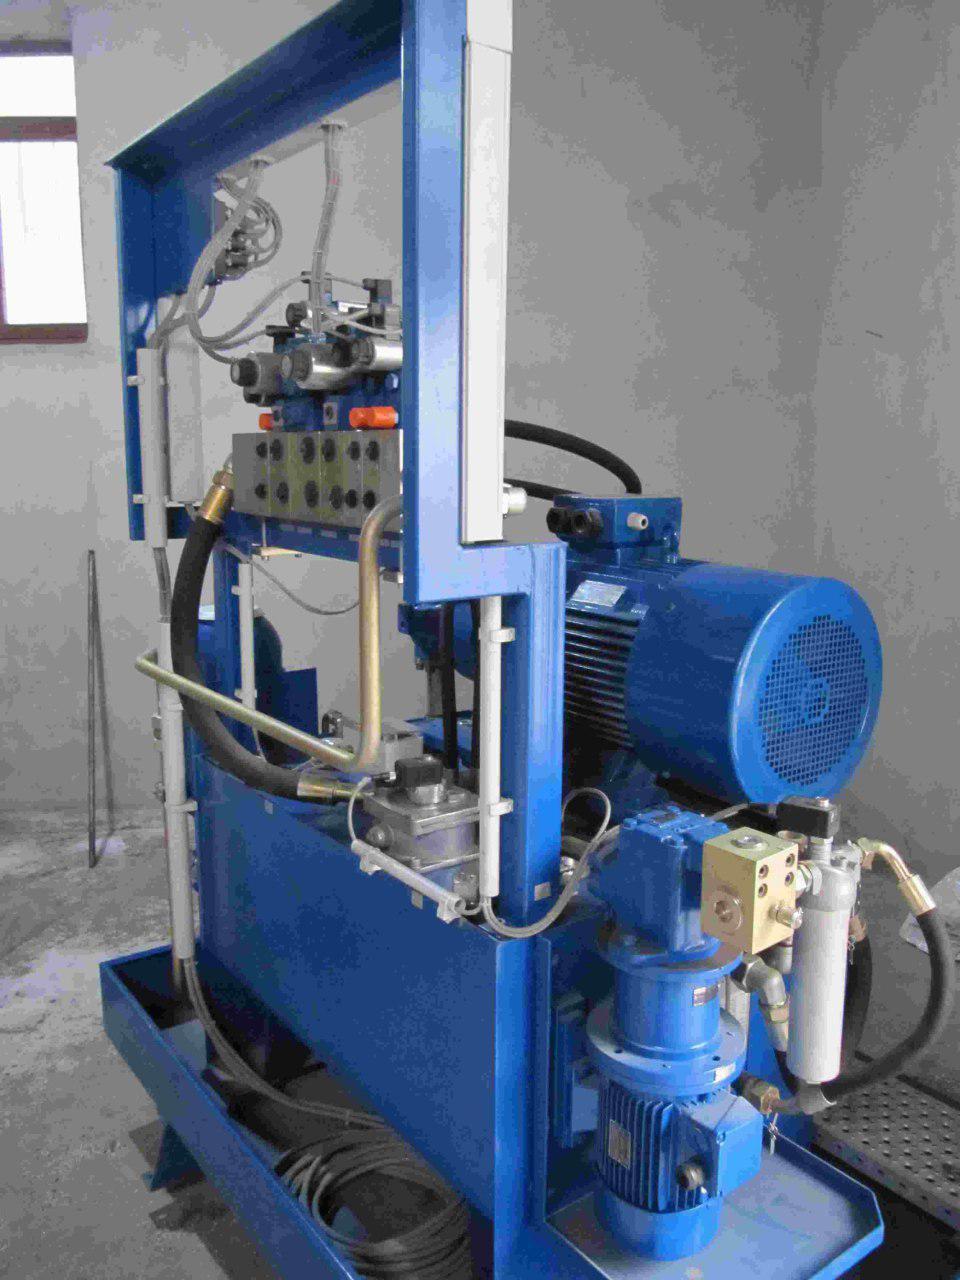 ساخت یونیت های هیدرولیک صنعتی